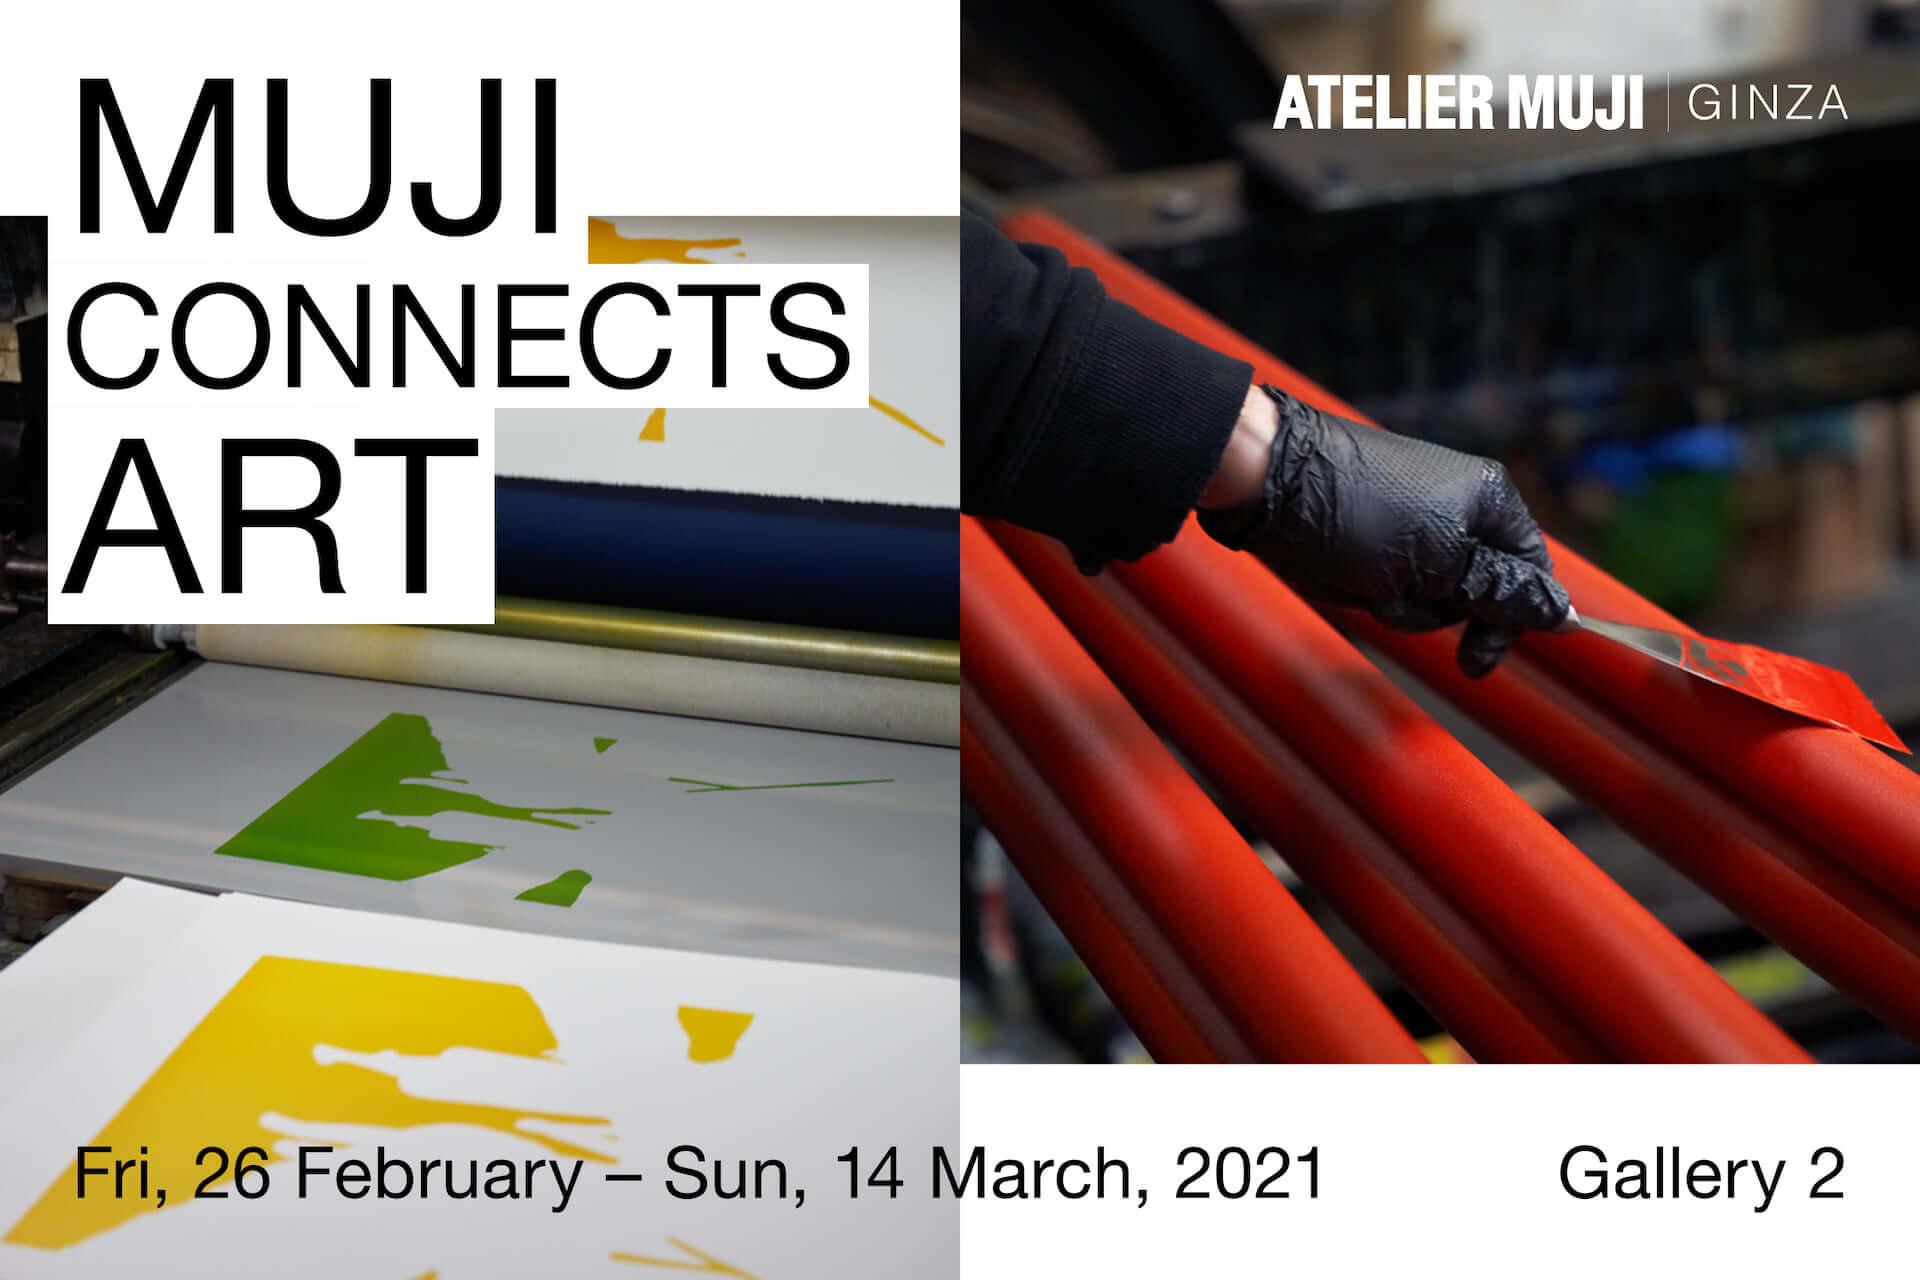 無印良品 銀座「ATELIER MUJI GINZA」にて<MUJI CONNECTS ART 展>が開催決定!Paul Cox、Vayeda Brothers、野又穫、堂本右美らが参加 art210211_muji-connects-art_1-1920x1280